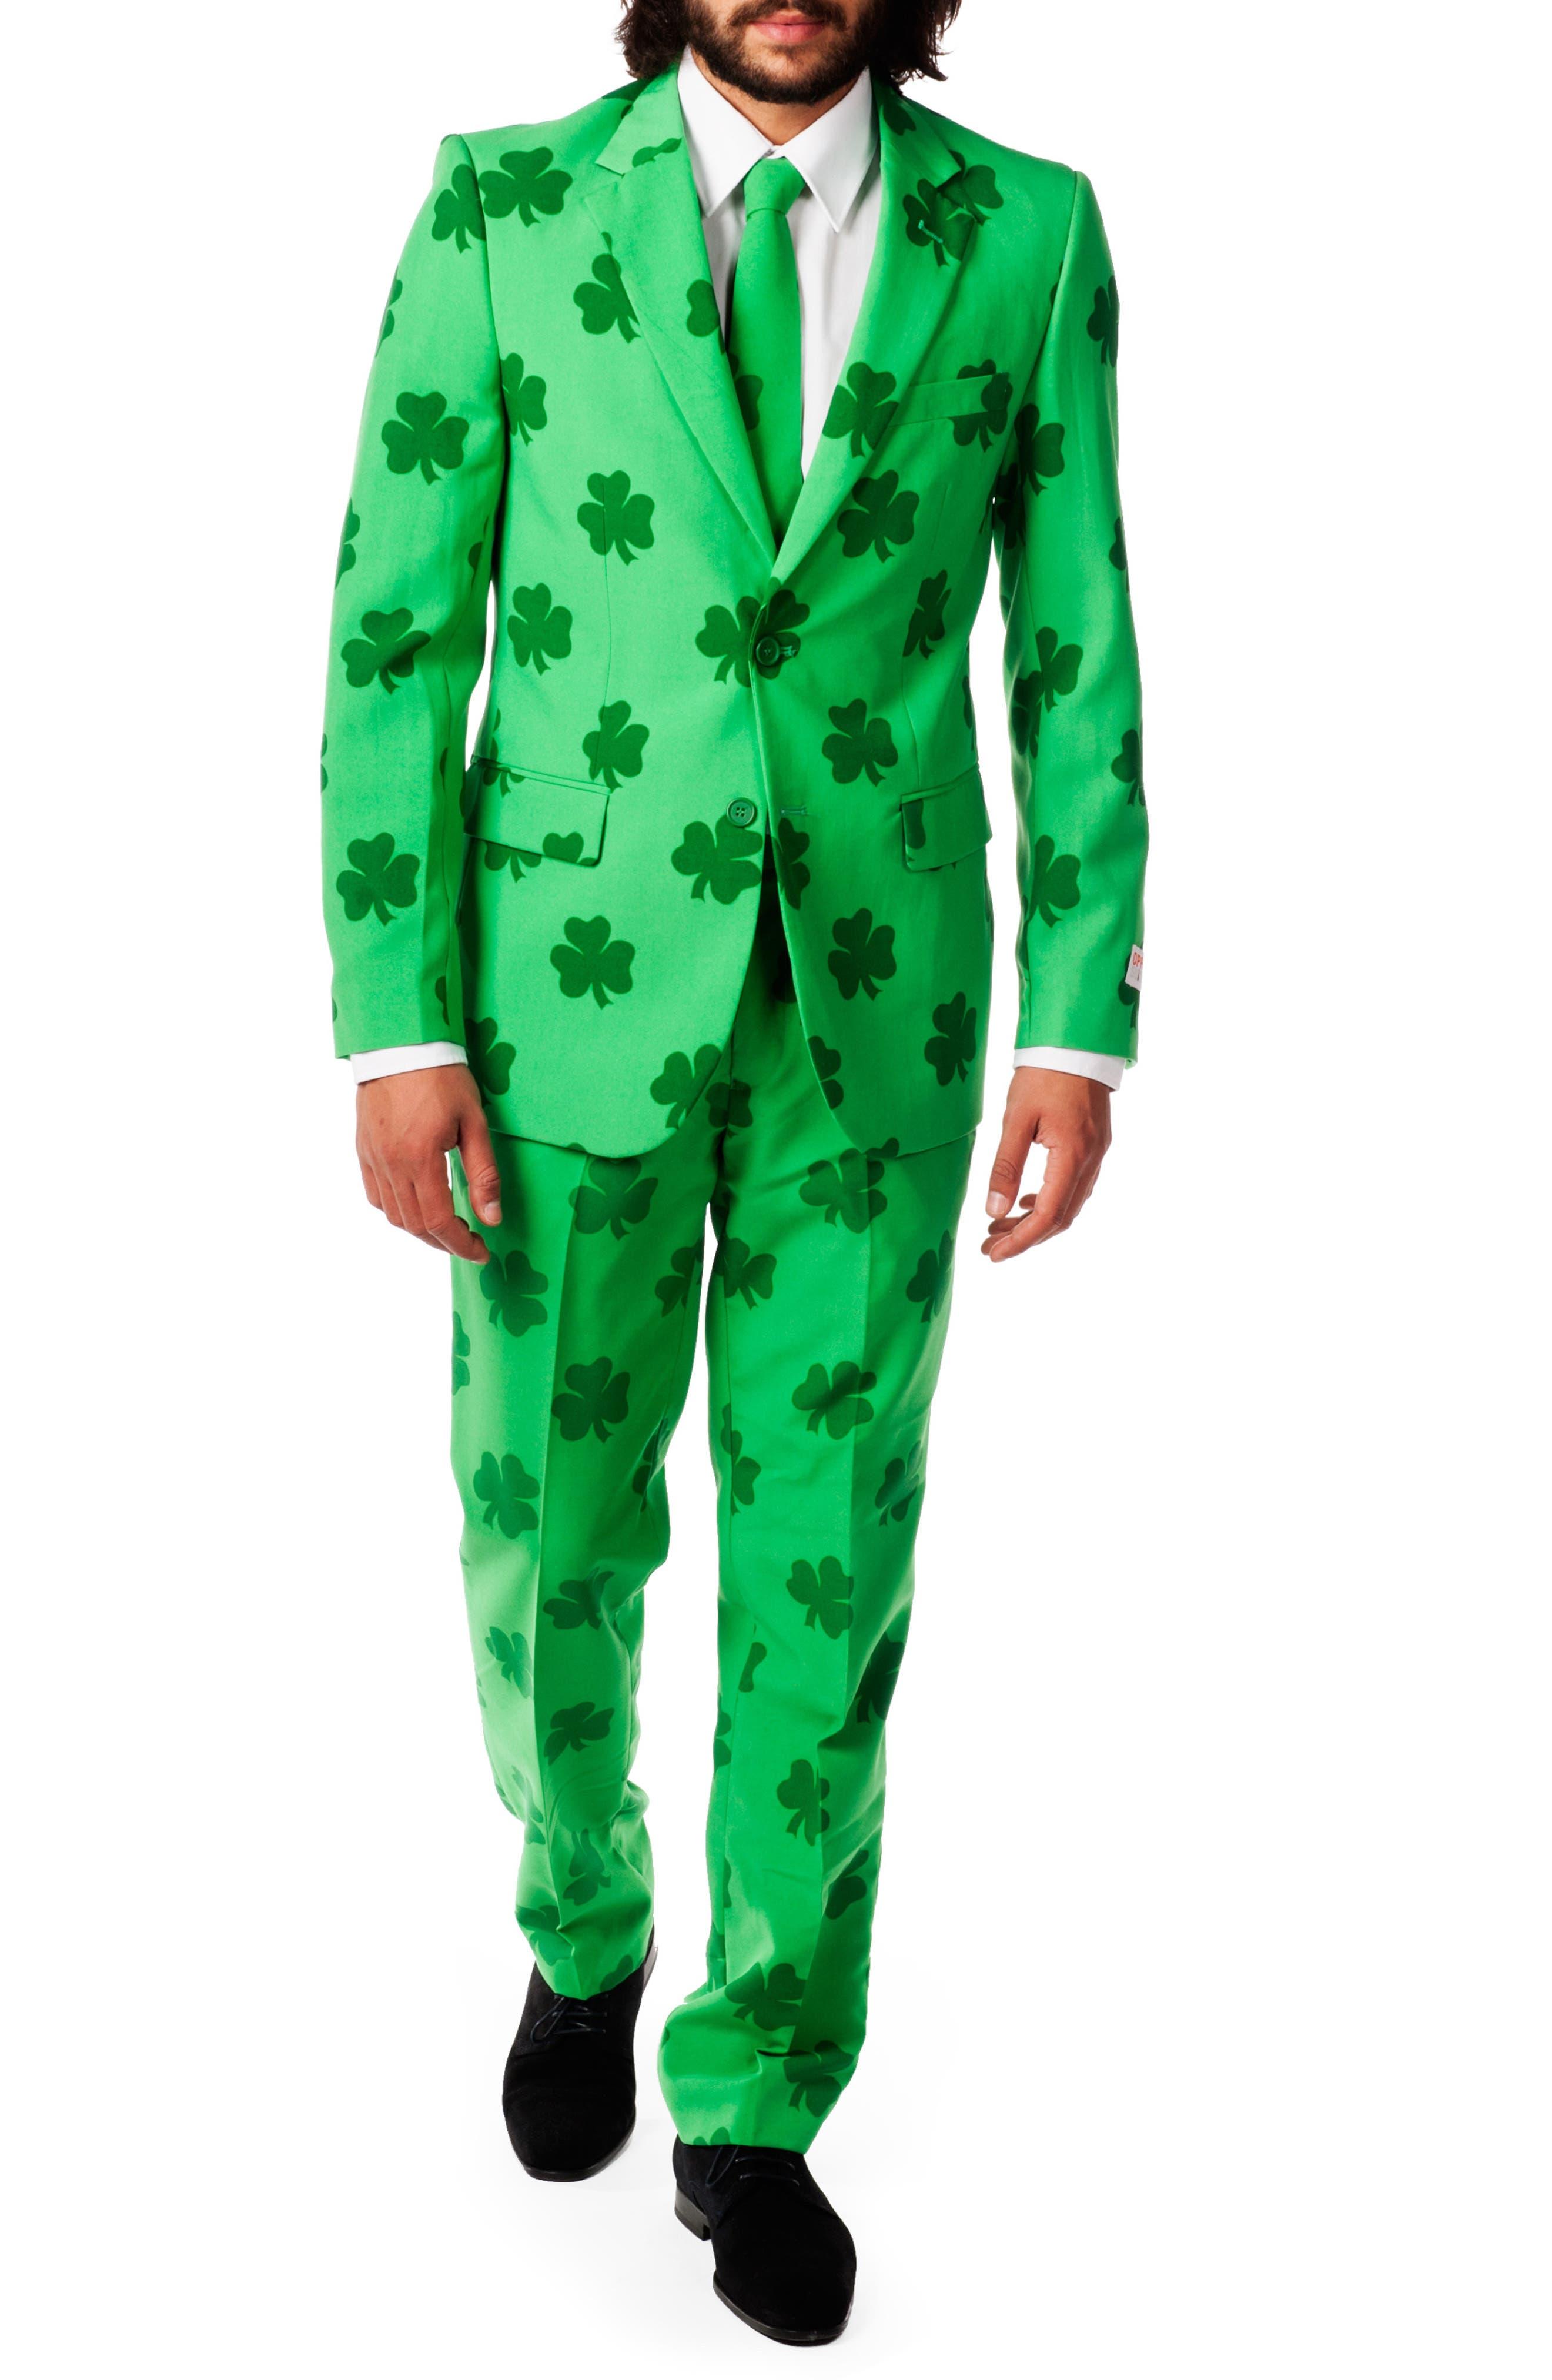 'Patrick' Trim Fit Two-Piece Suit with Tie,                             Alternate thumbnail 2, color,                             320